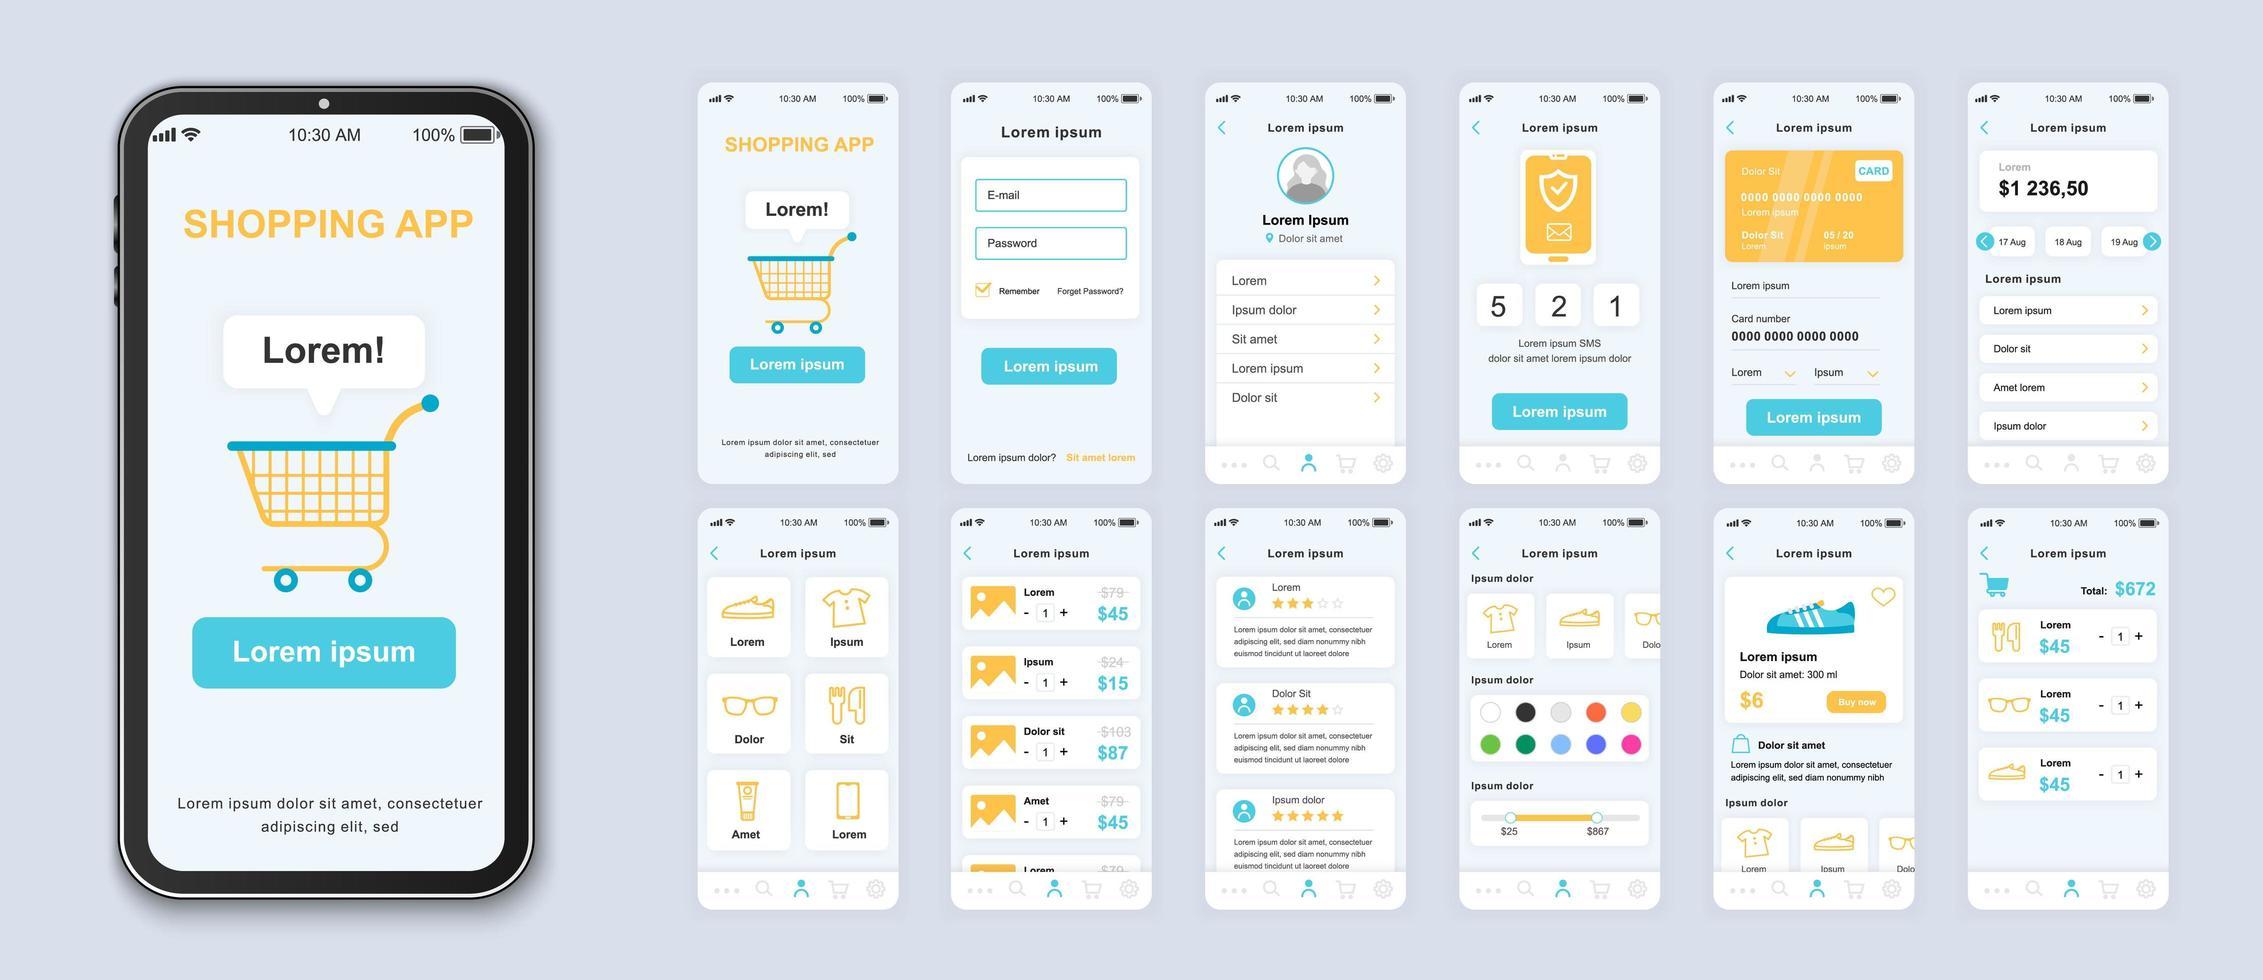 design de interface do aplicativo de interface do usuário de compras azul, amarelo e branco vetor